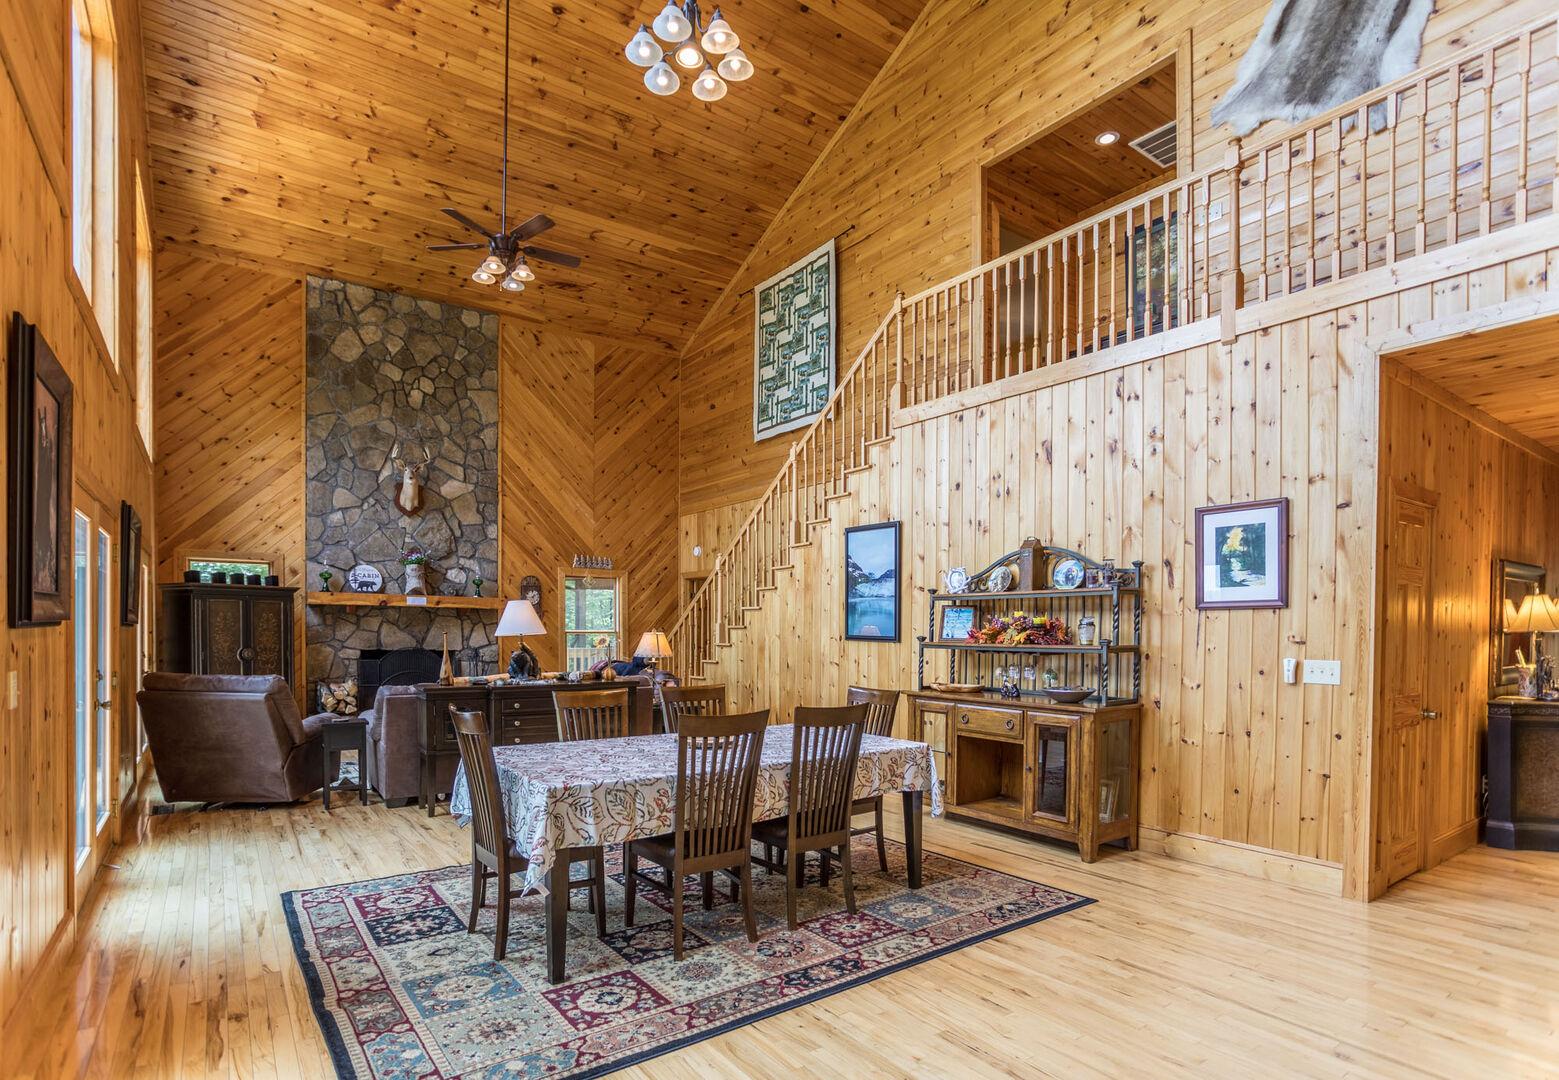 Open floor plan between kitchen, dining space and living room